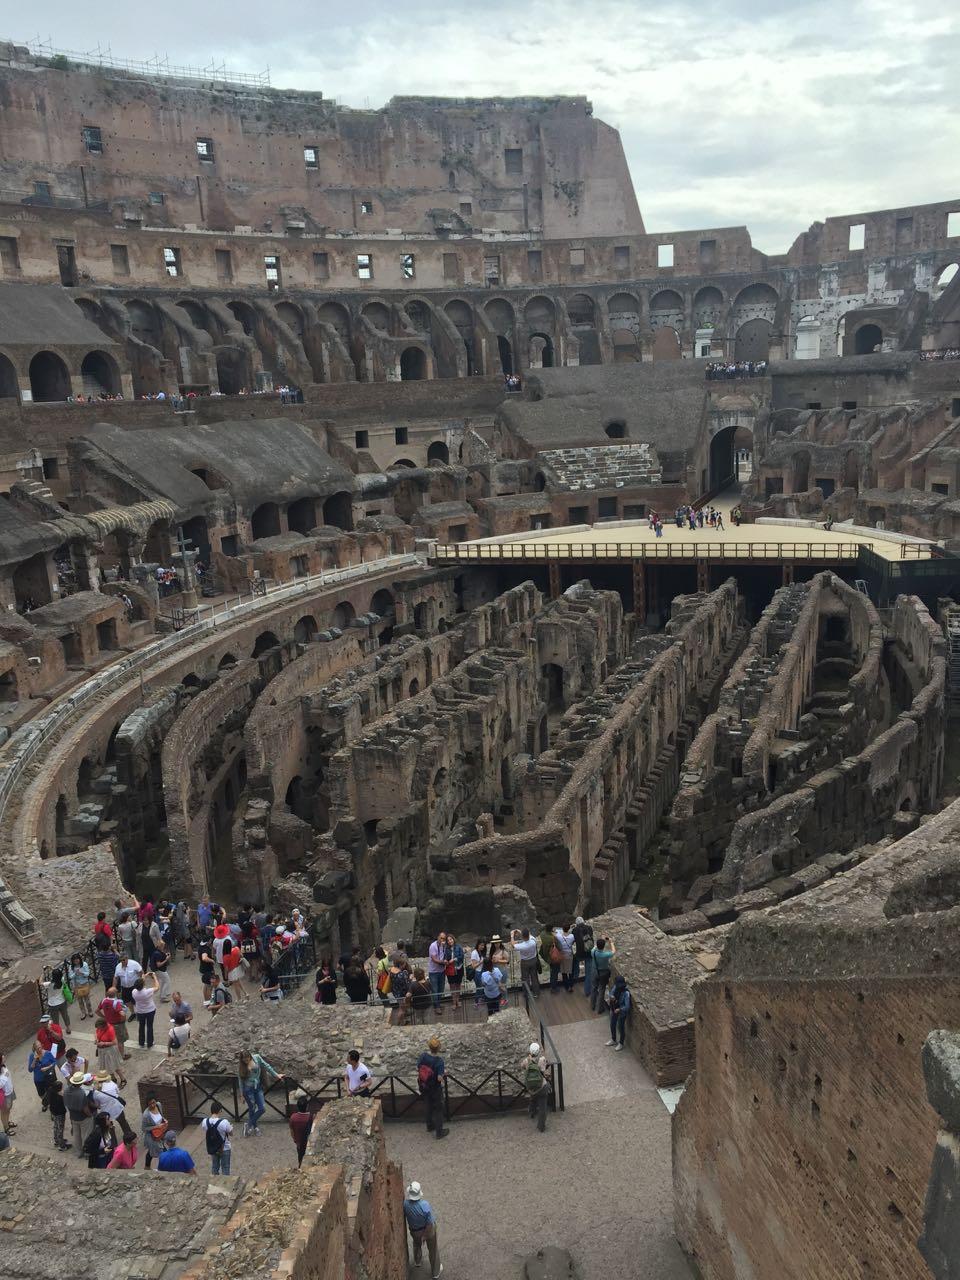 1FT Rome Italy - Campitelli - Lazio, May 20, 2015 - 3 of 75